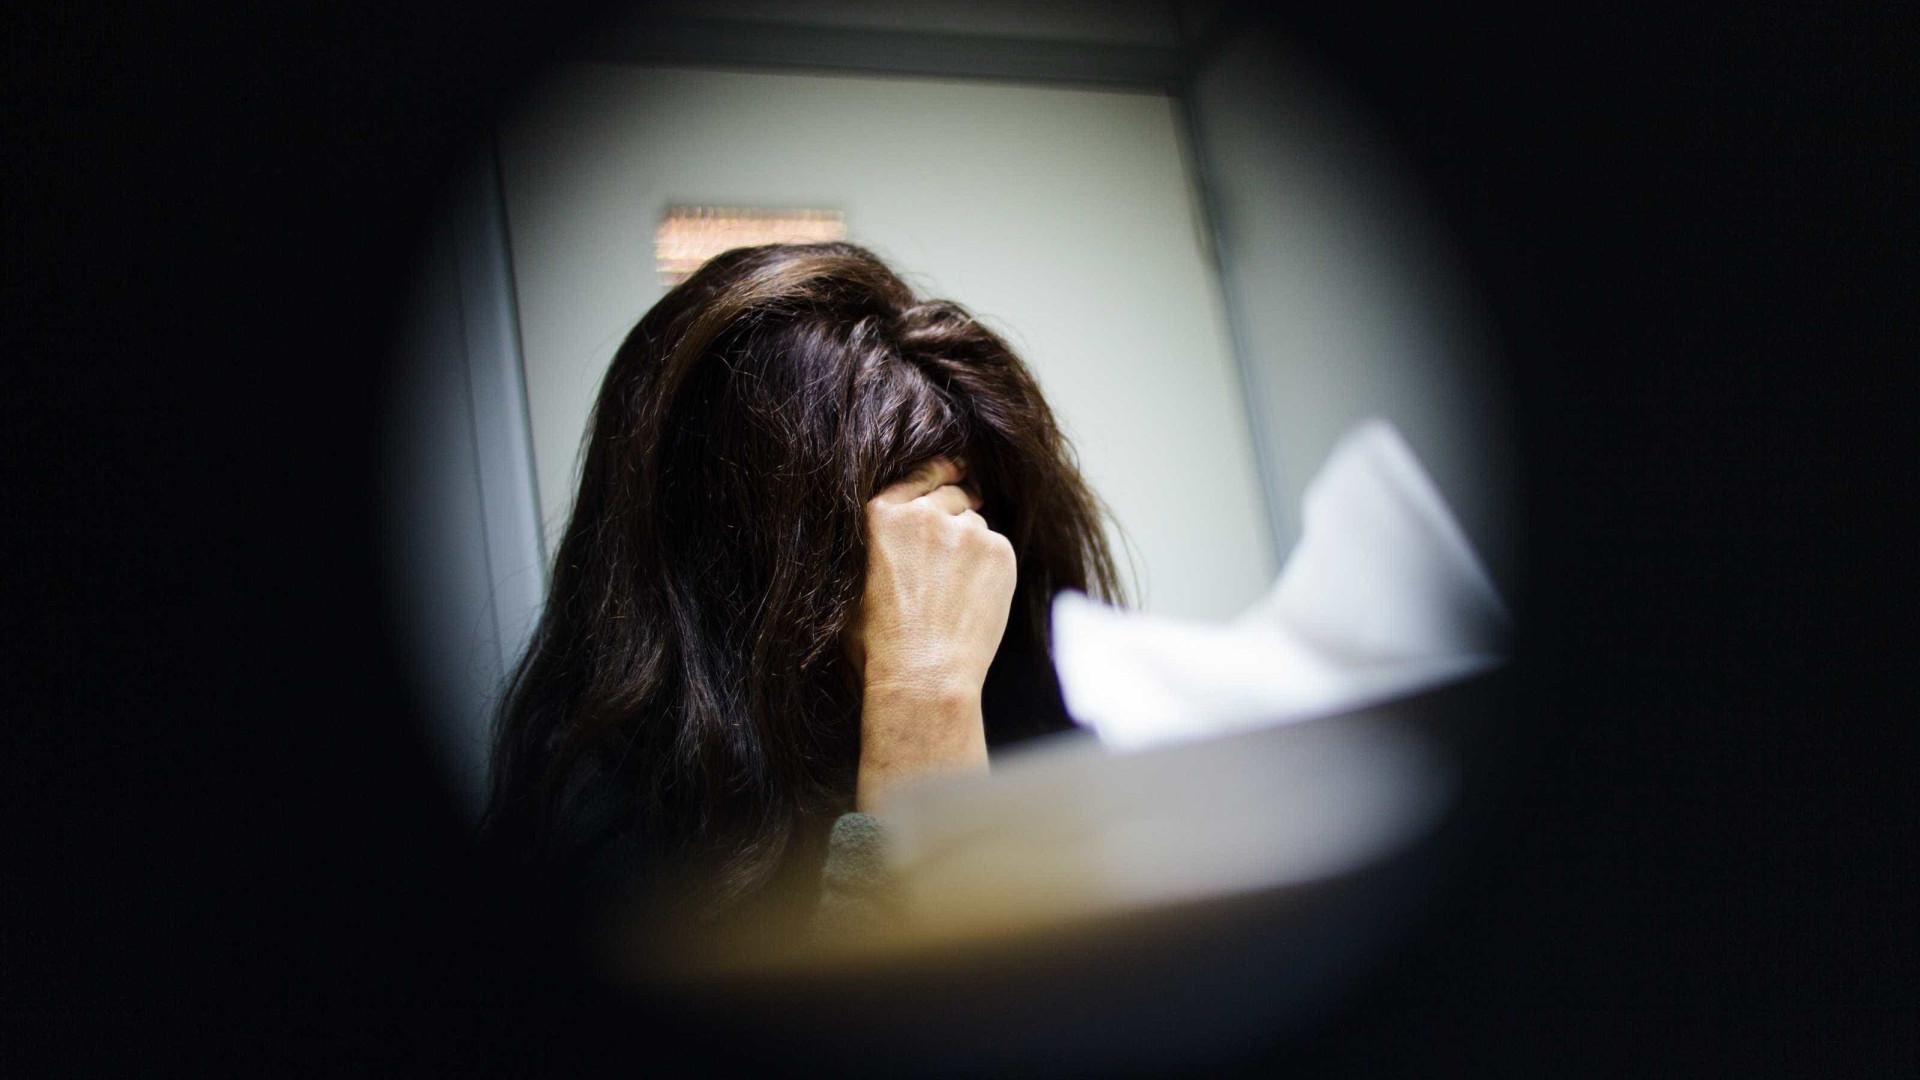 Violência contra mulheres: APAV realça progressos, mas quer mais eficácia